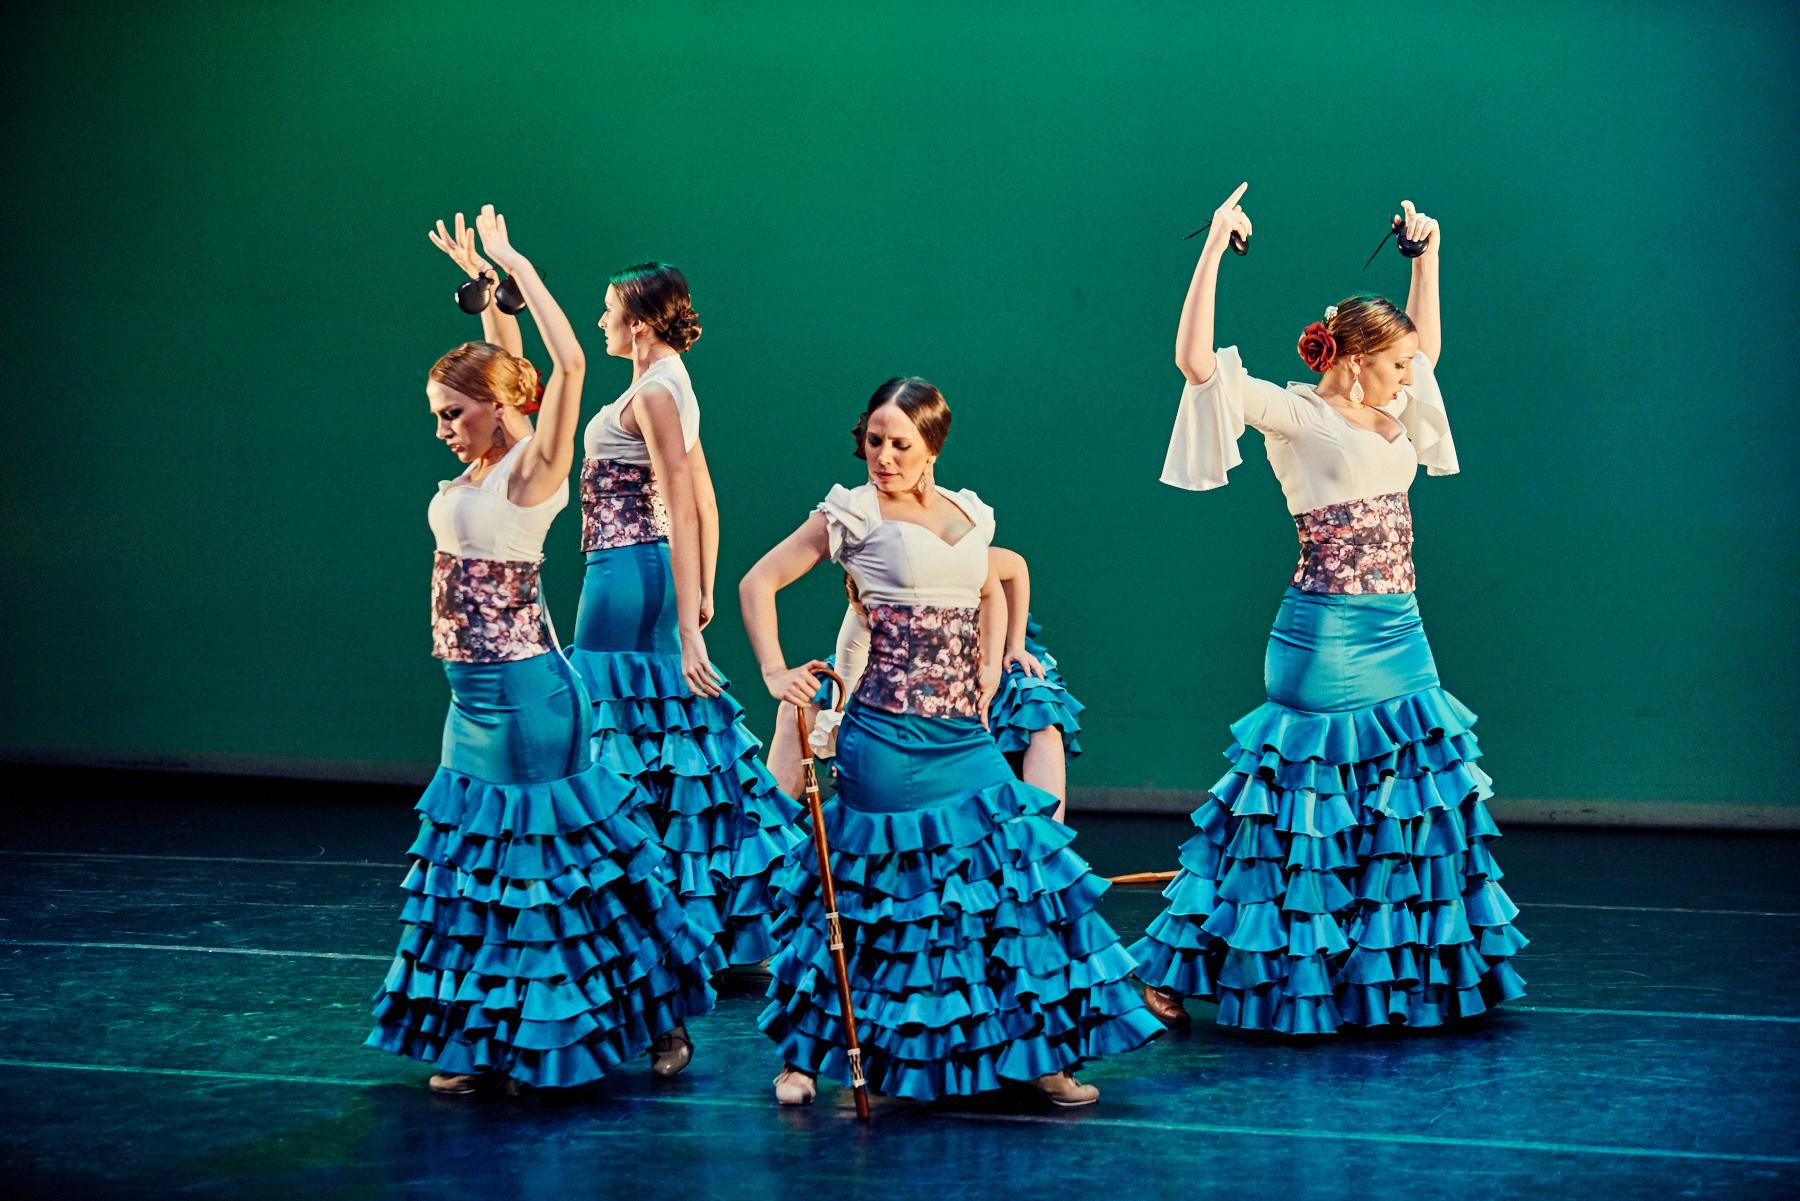 Fotografía festival de danza